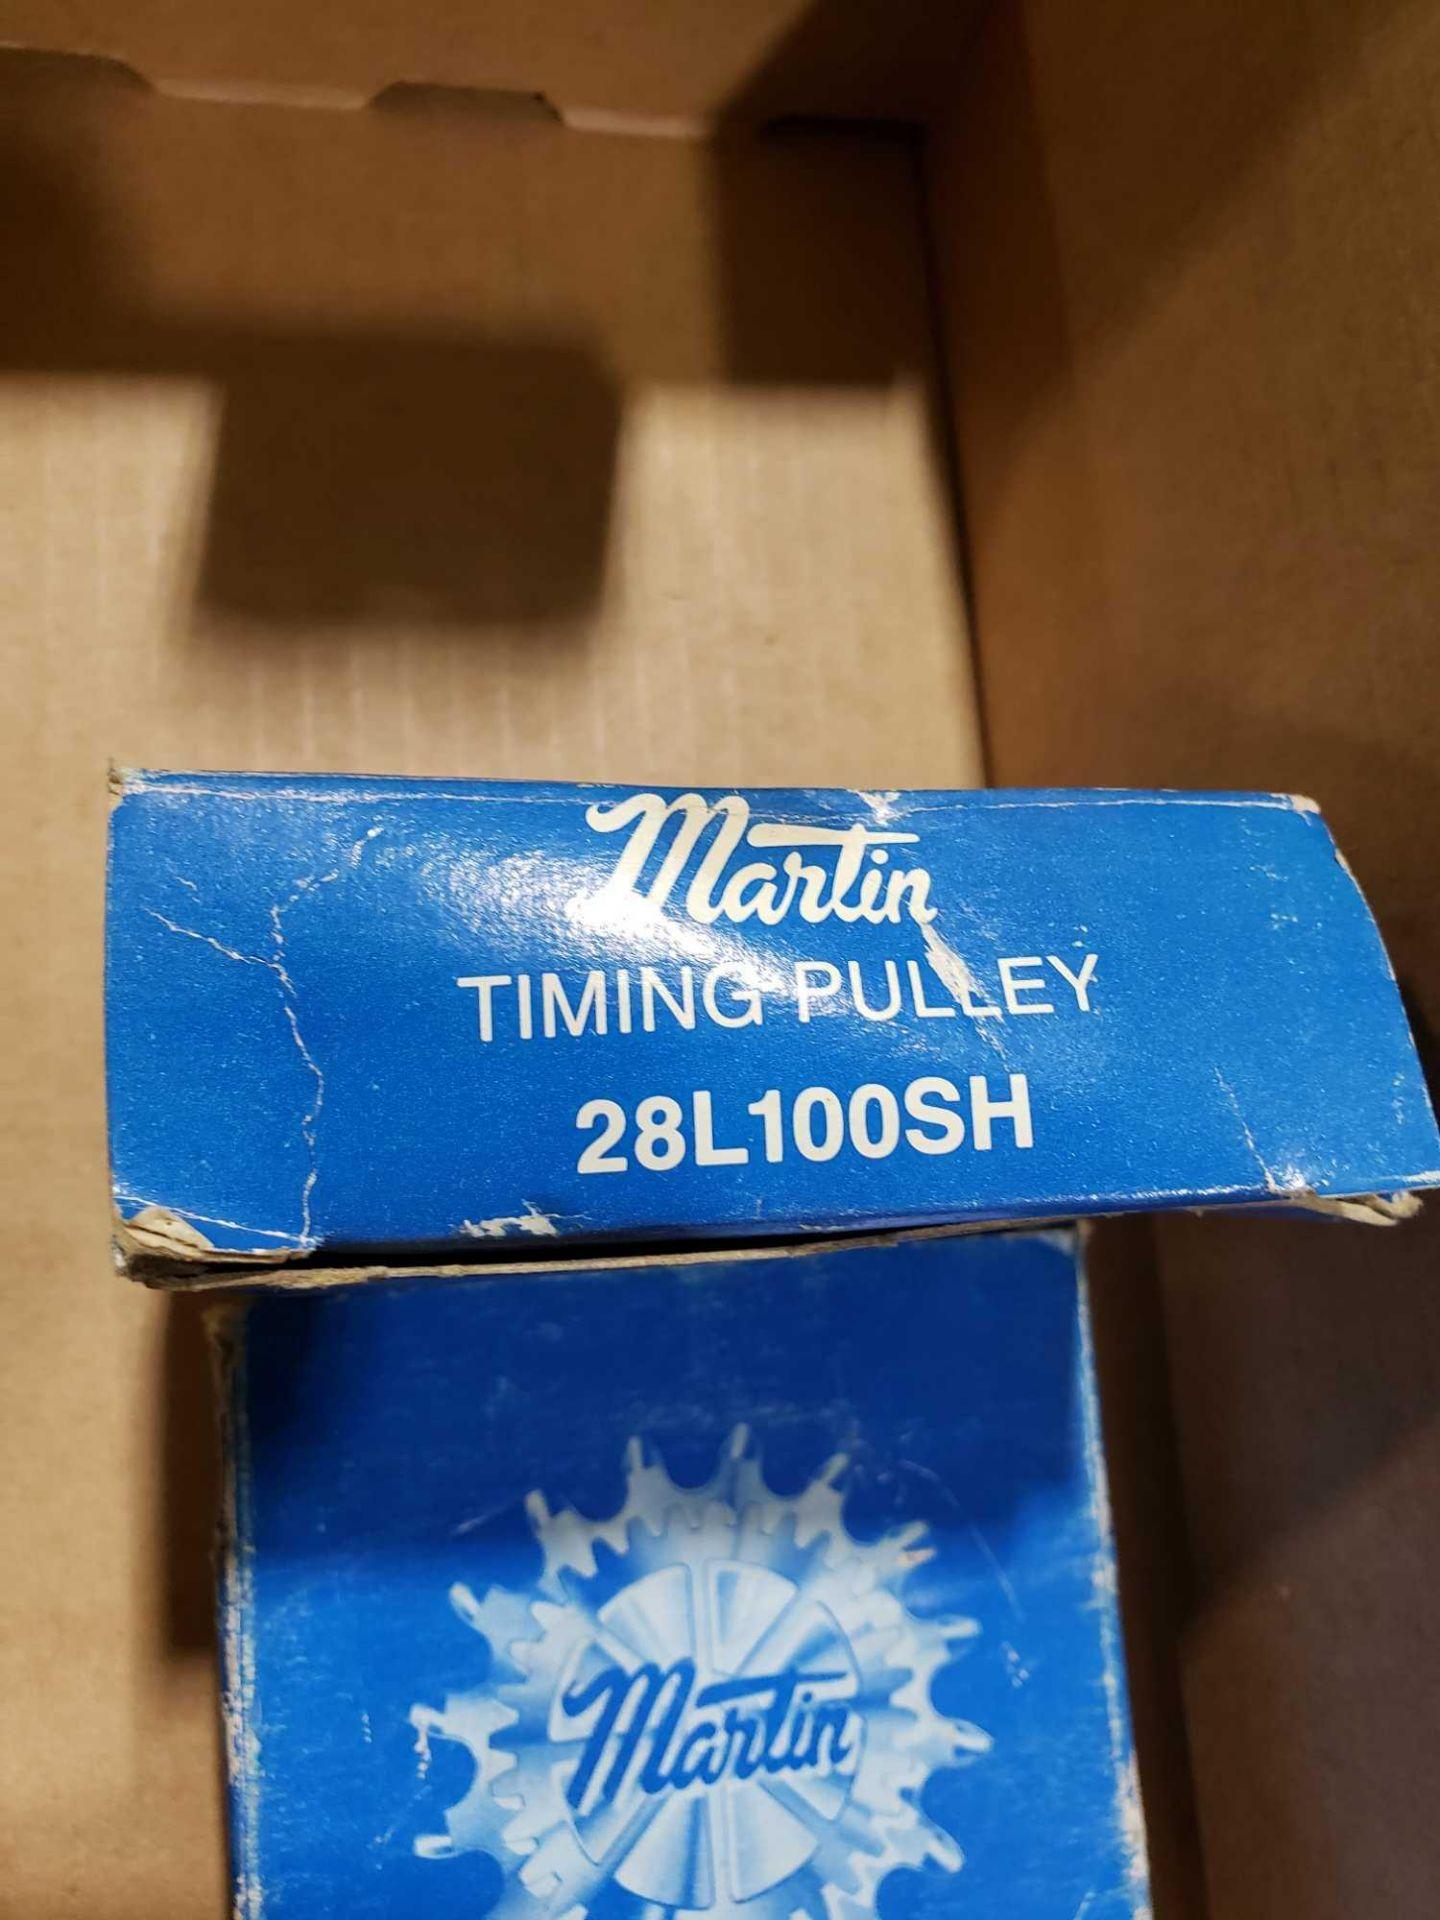 Lot 15 - Qty 2 - Martin timing pulley model 28L100SH. New in box.